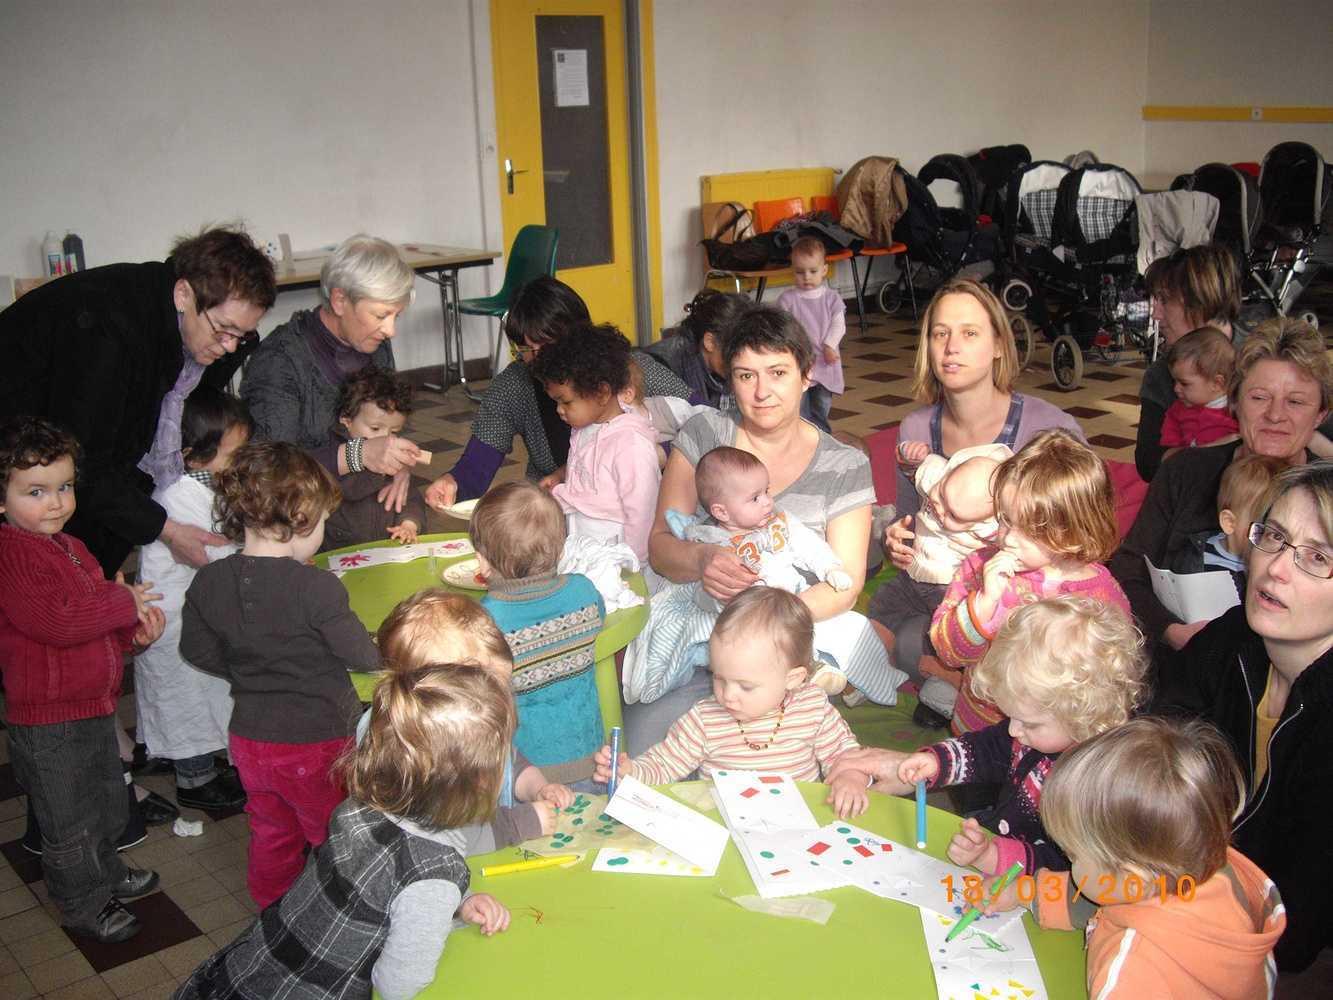 Les bons souvenirs de la bambinerie 2012 imgp1868